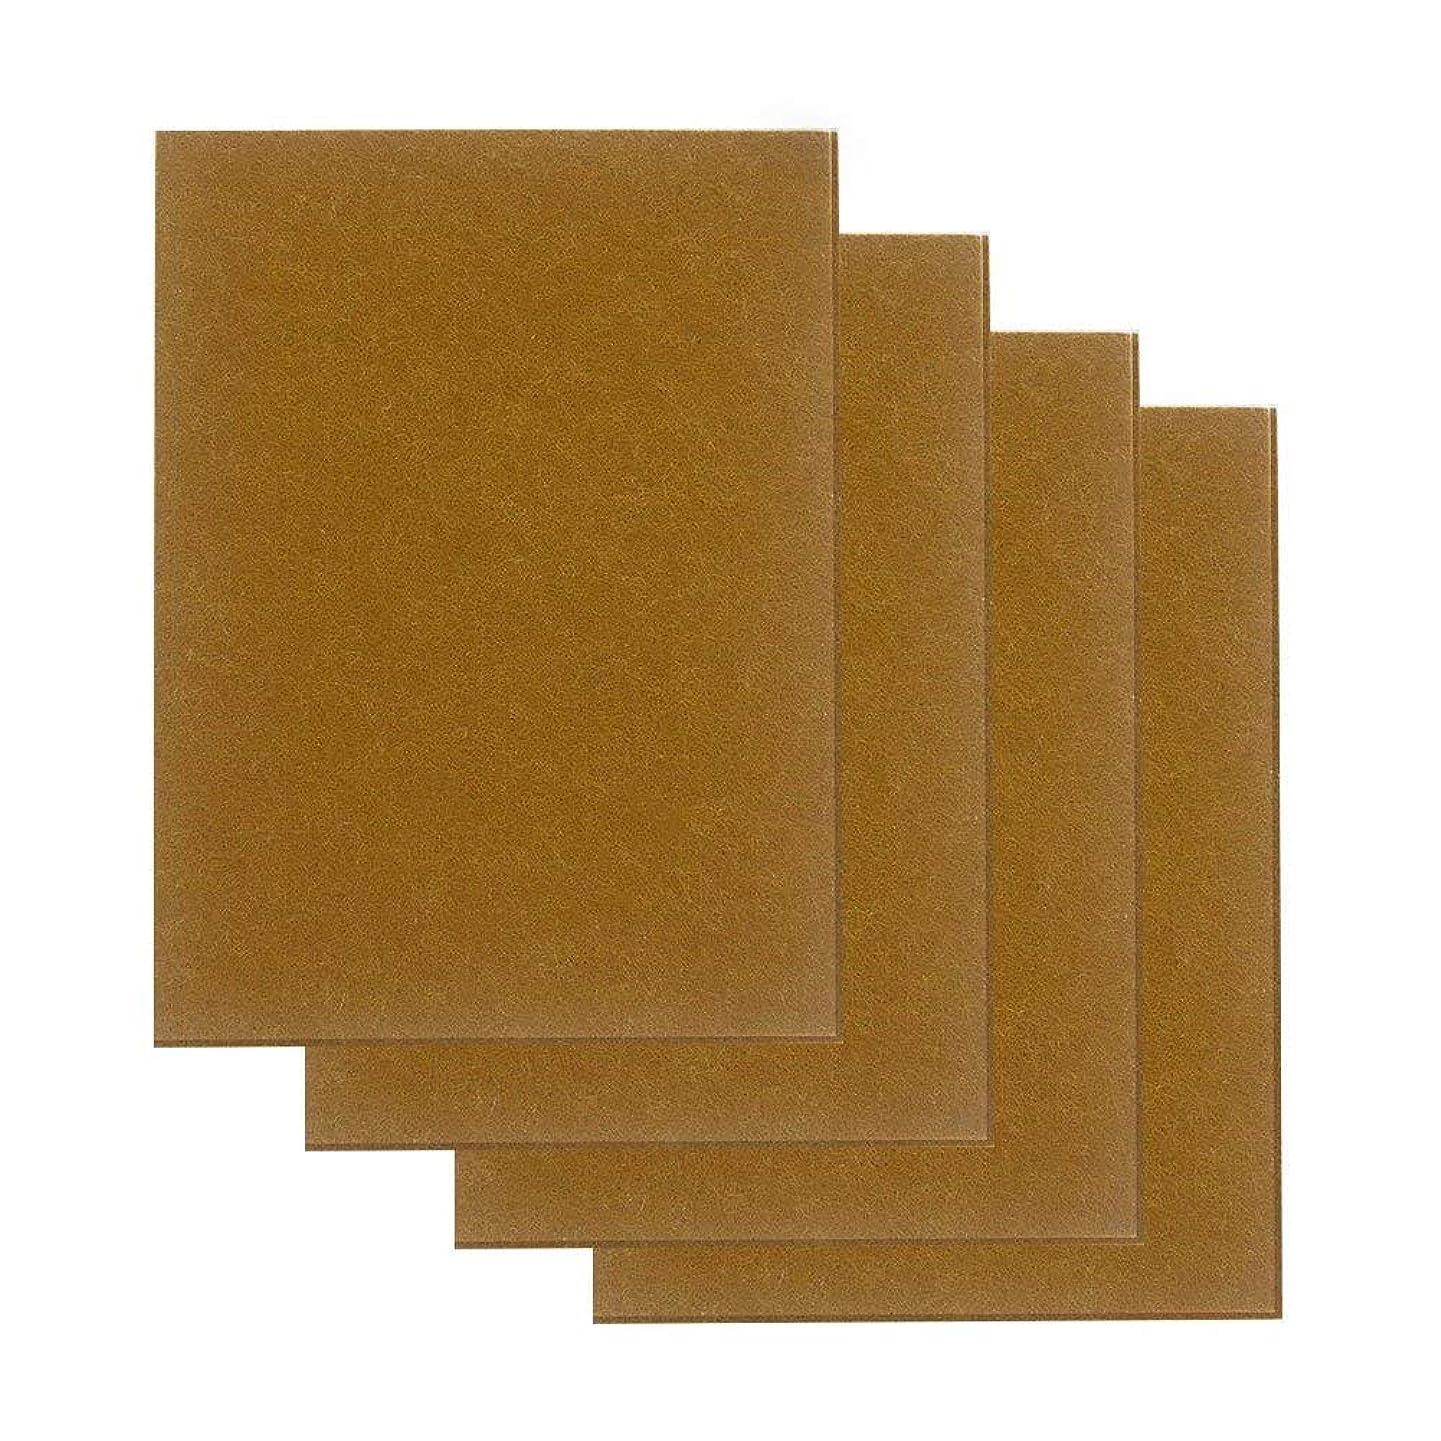 会計熱意タンザニアAutra フェルトシート 大判15cm×20cm 厚さ4mm セルフ粘着 床のキズ防止 家具保護パッド 4枚入